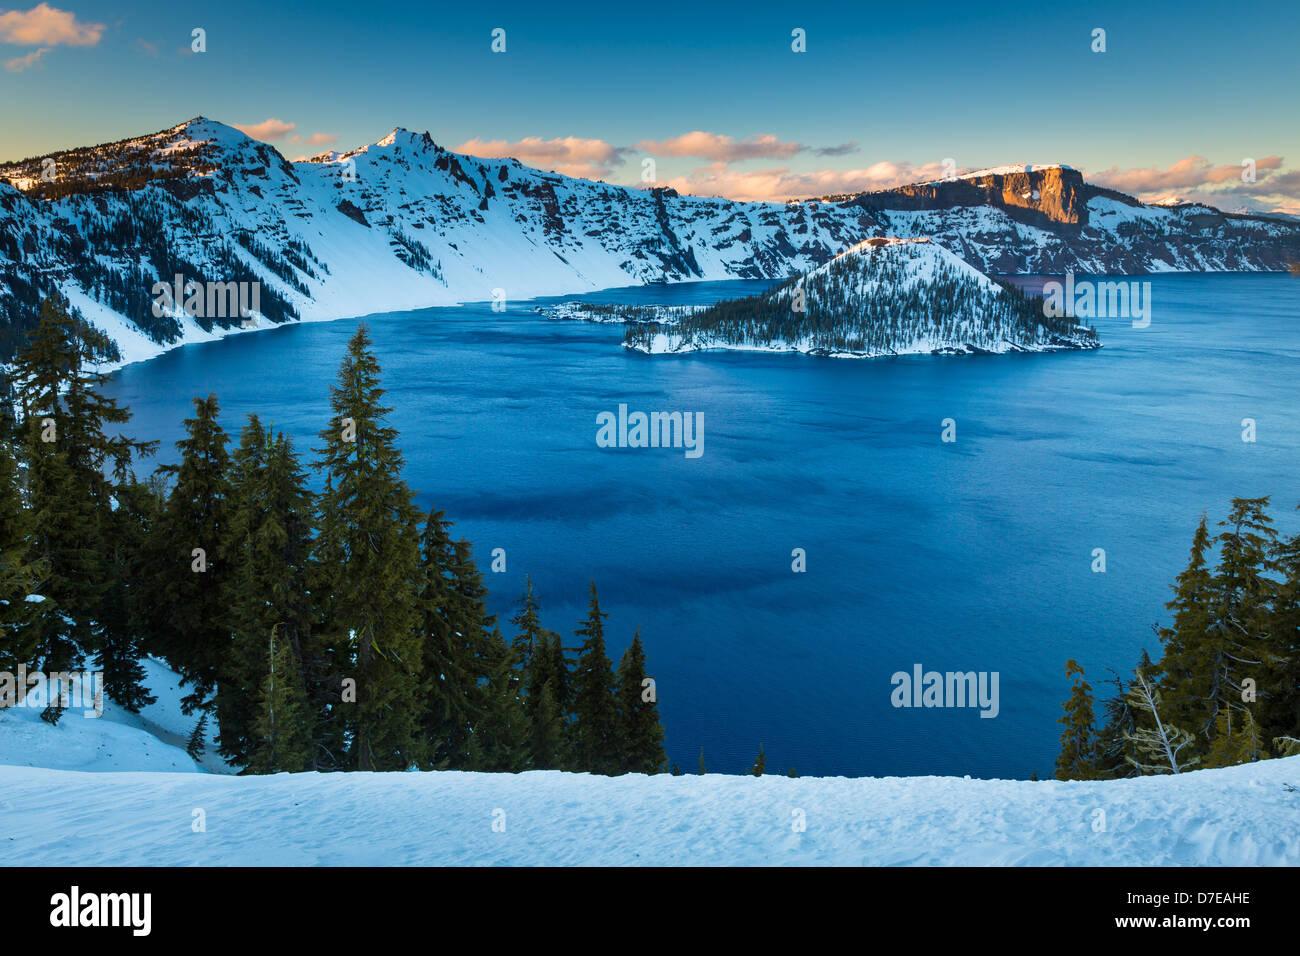 Crater Lake National Park, situé dans le sud de l'Oregon, au cours de l'hiver Banque D'Images